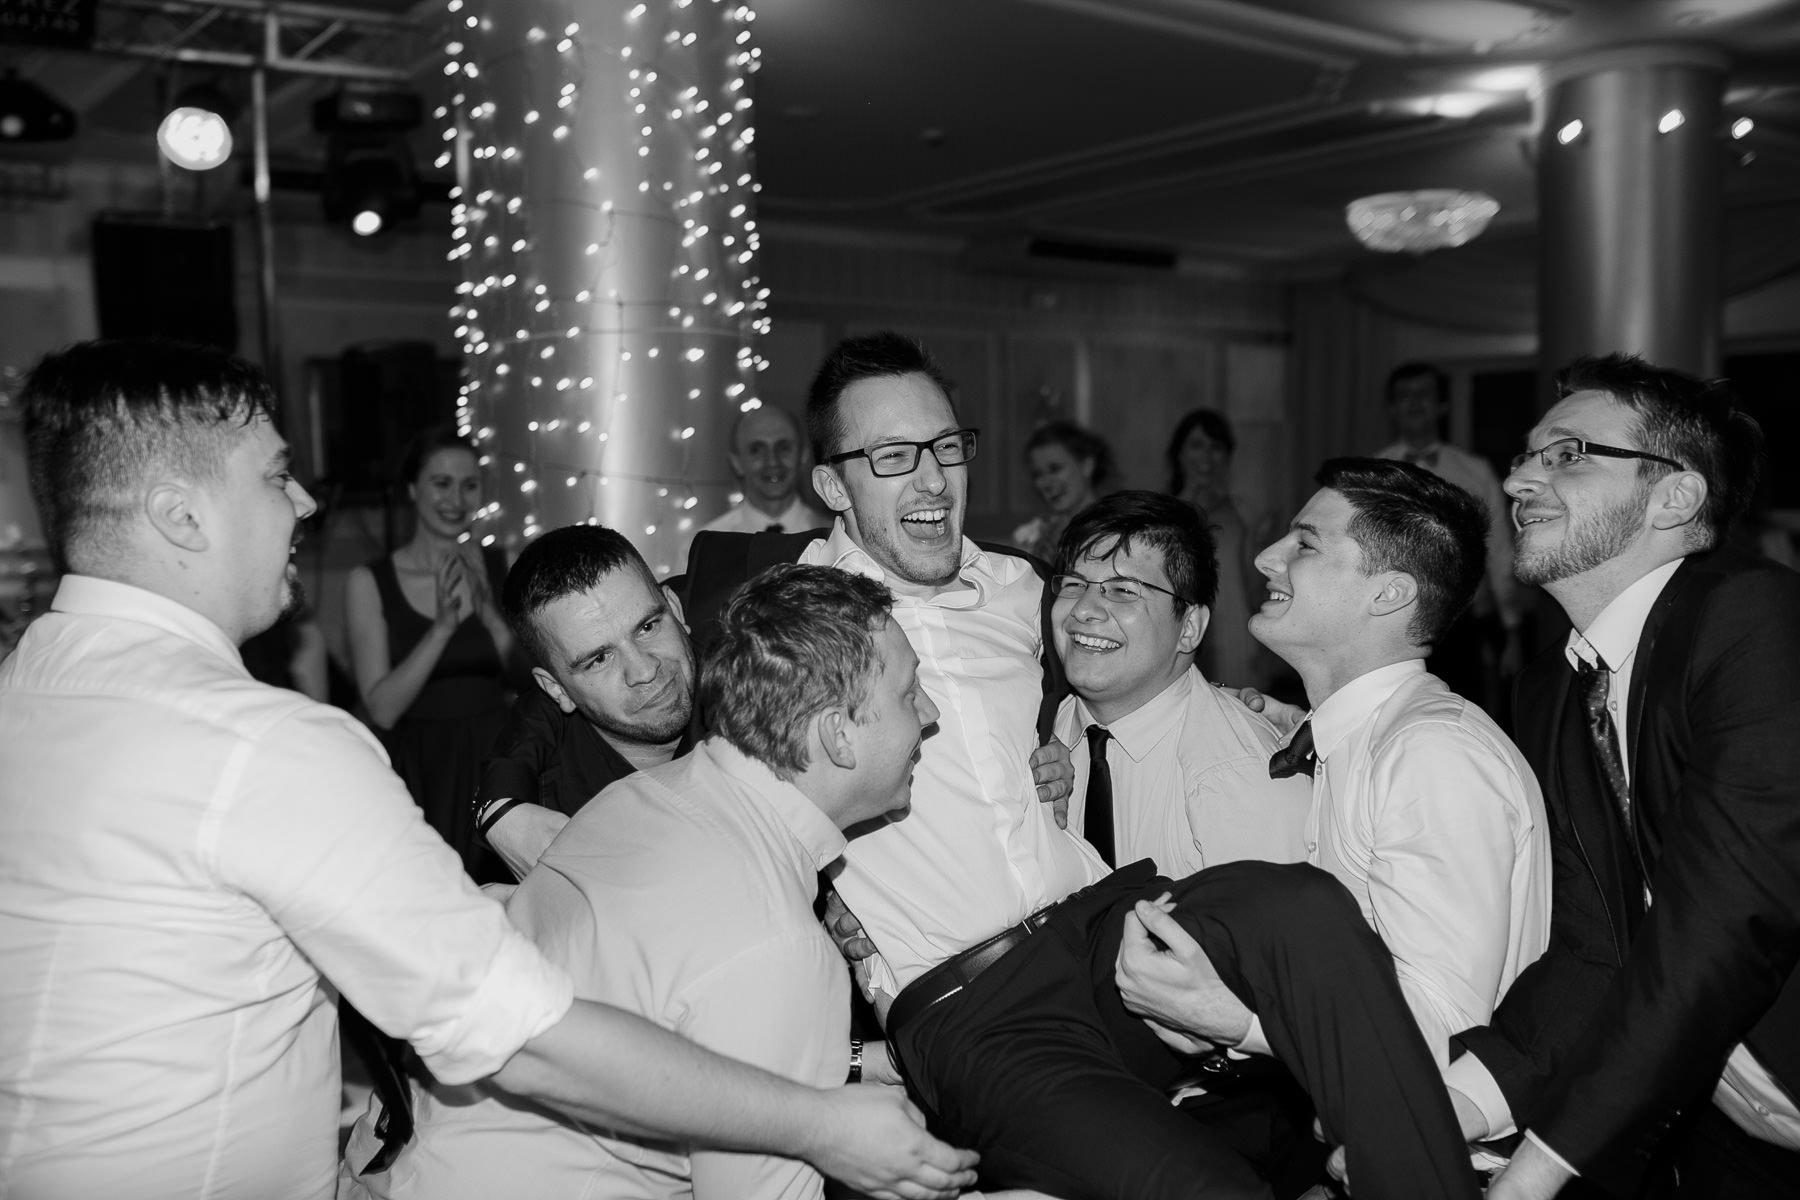 fotograf slub bielsko biala ania maciej 146 - Ślub w Bielsku-Białej - ANIA & MACIEJ